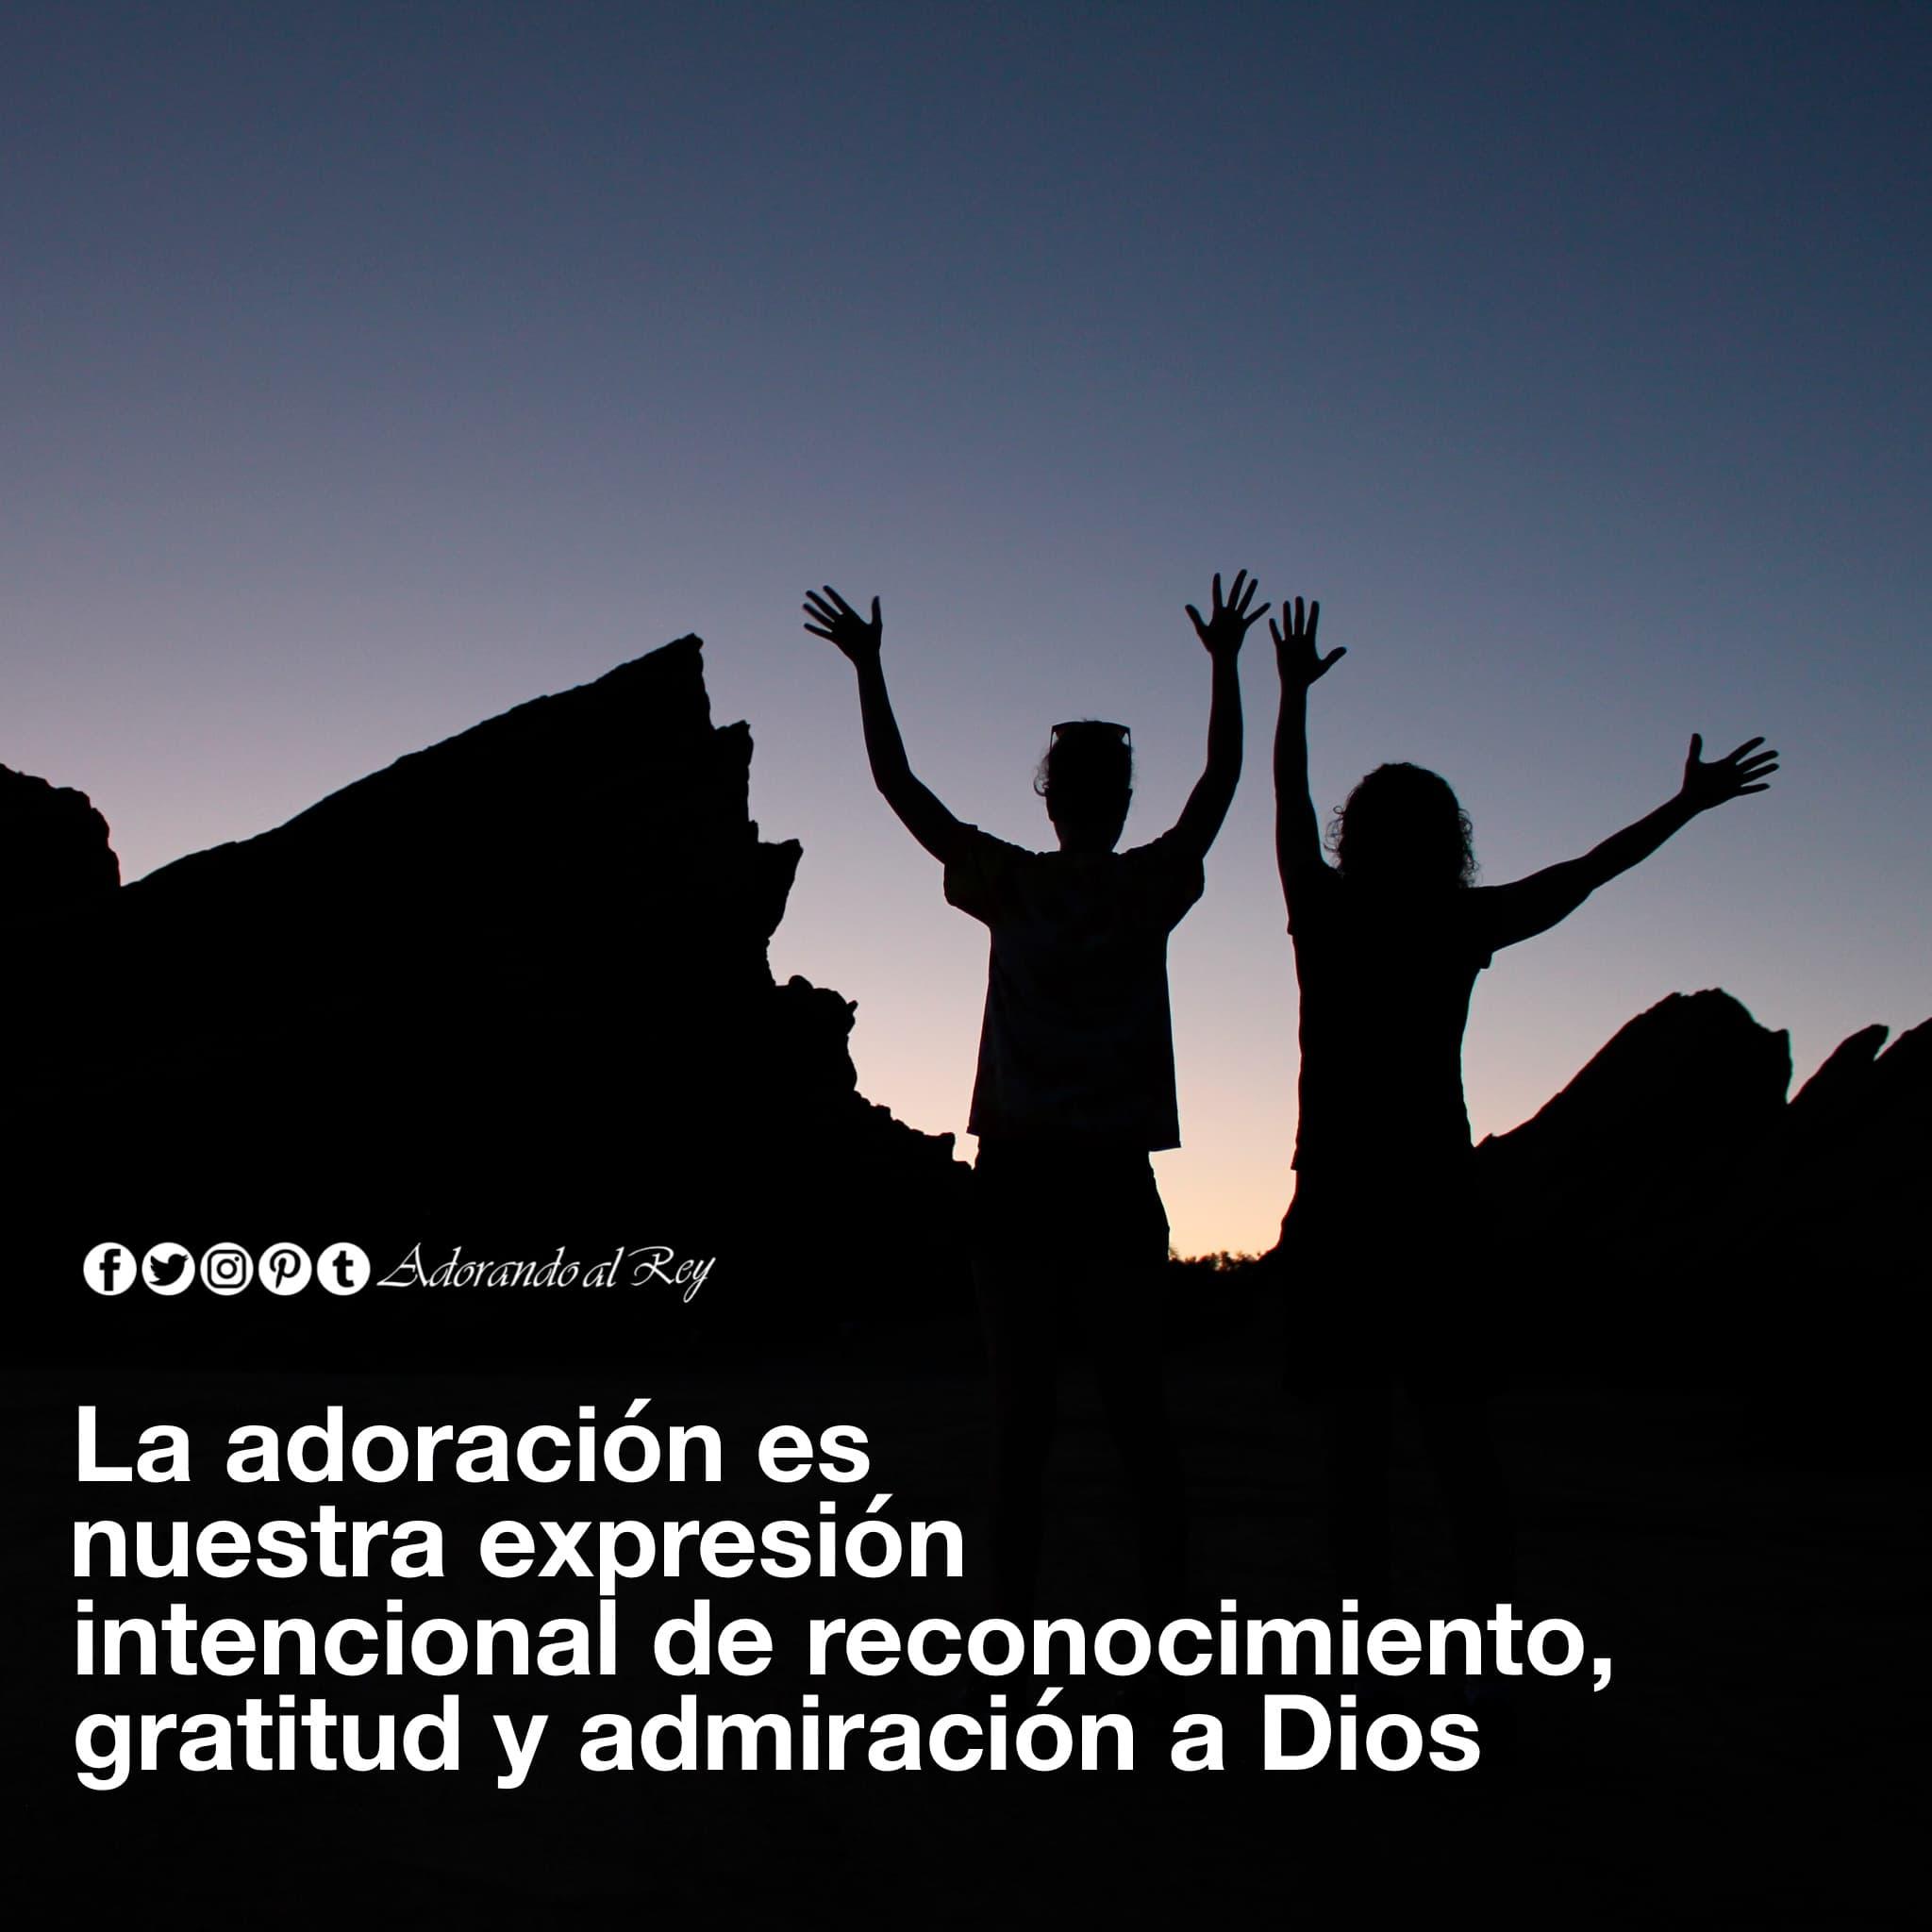 La adoración es